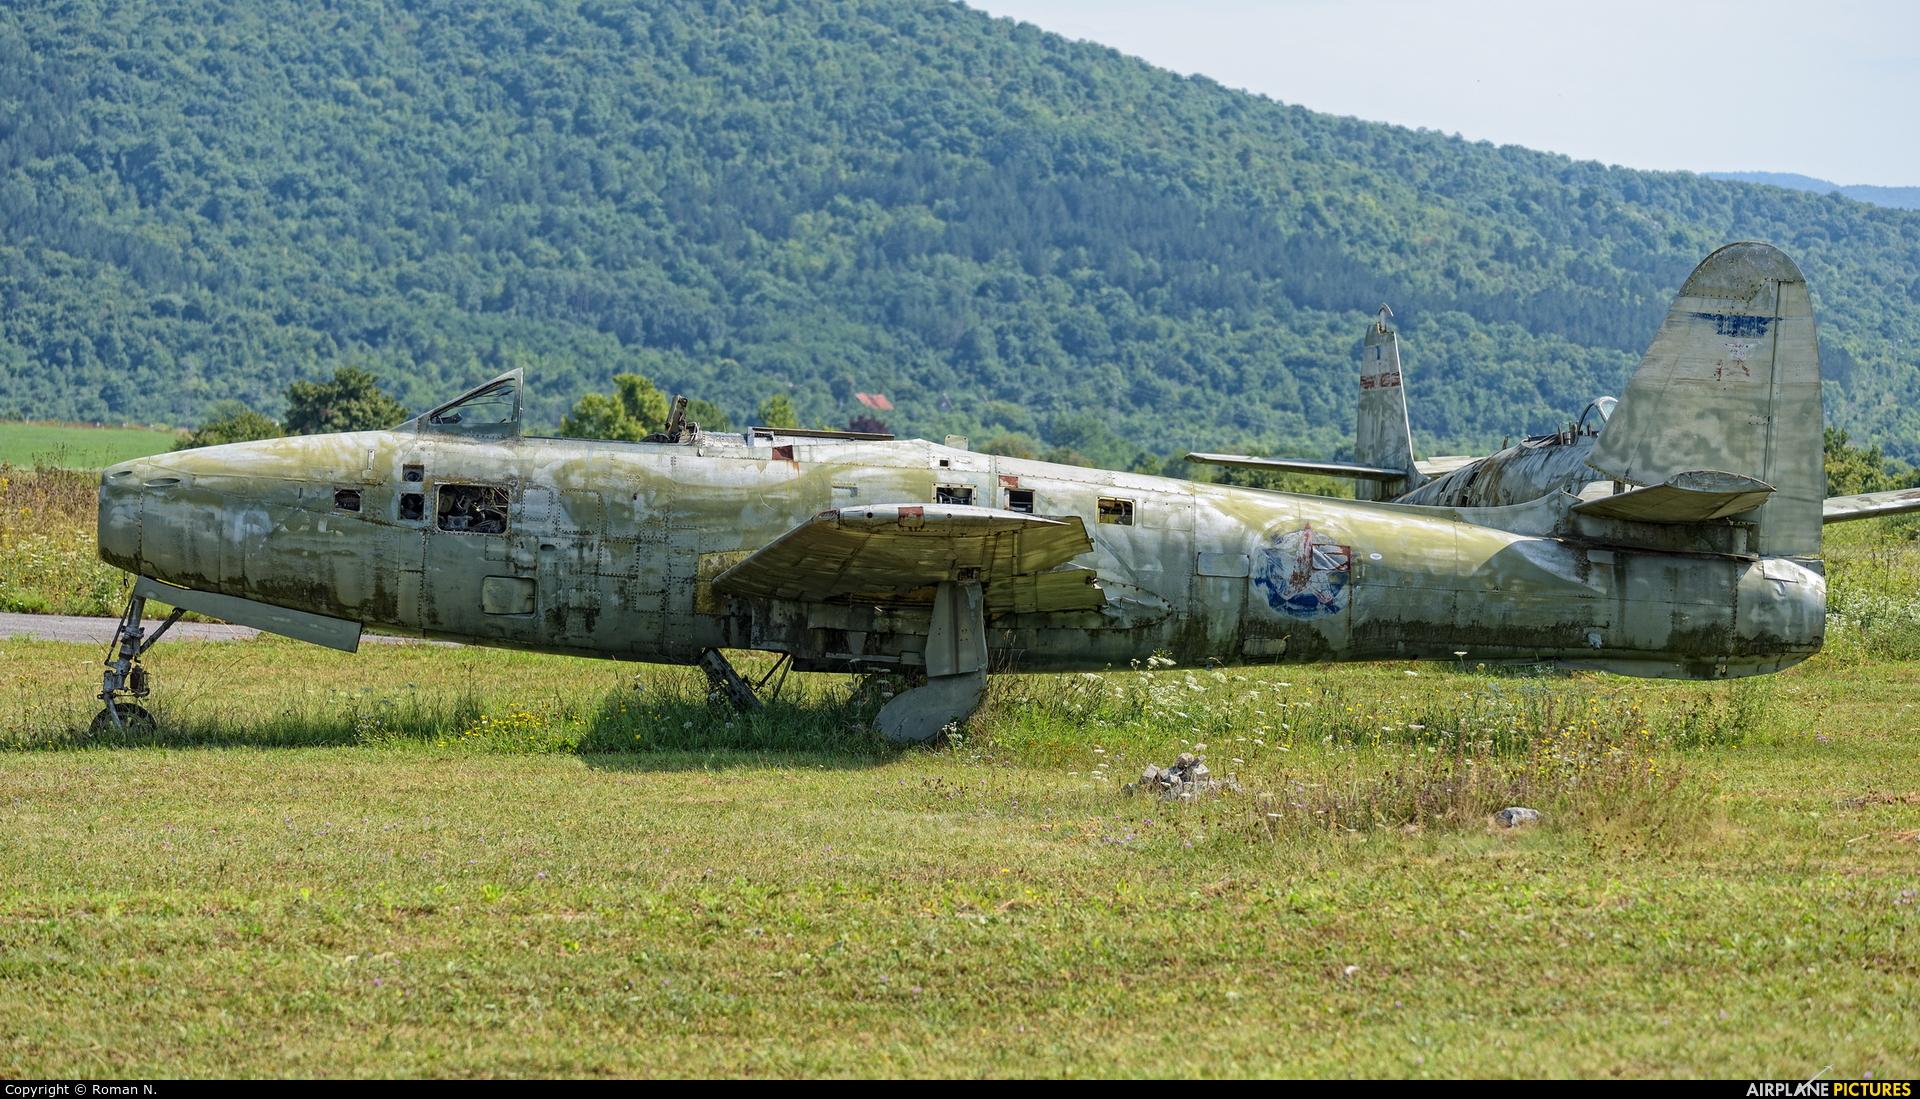 Yugoslavia - Air Force 10686 aircraft at Otočac